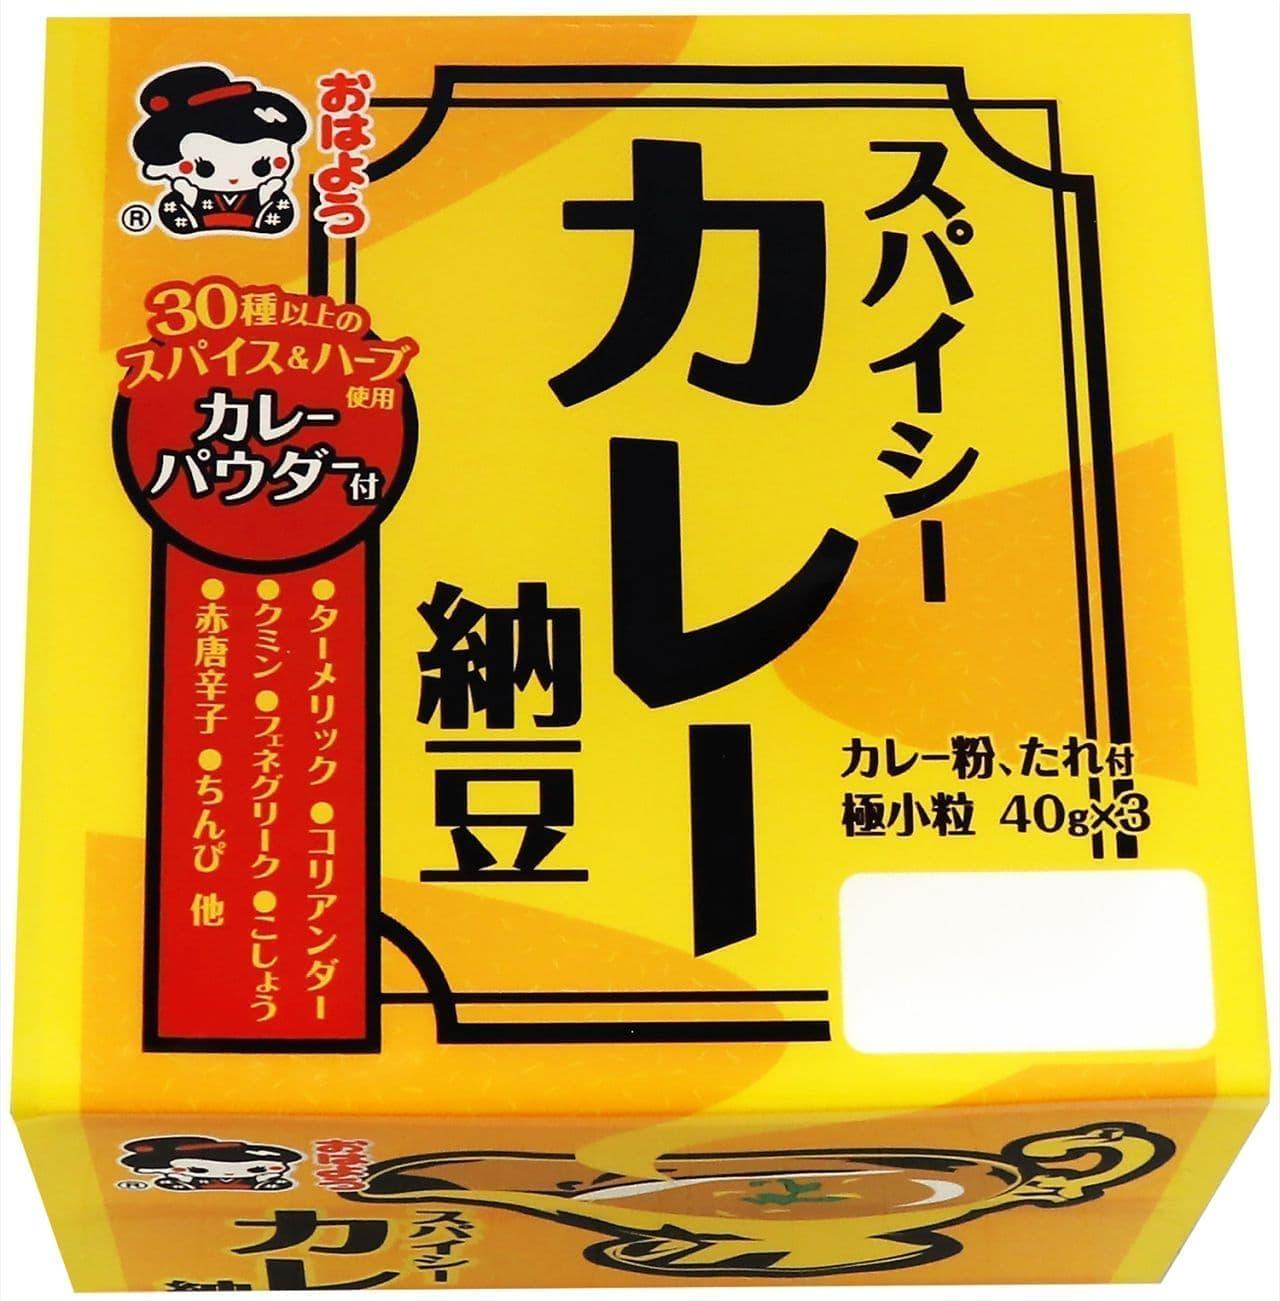 ヤマダフーズ「スパイシーカレー納豆」